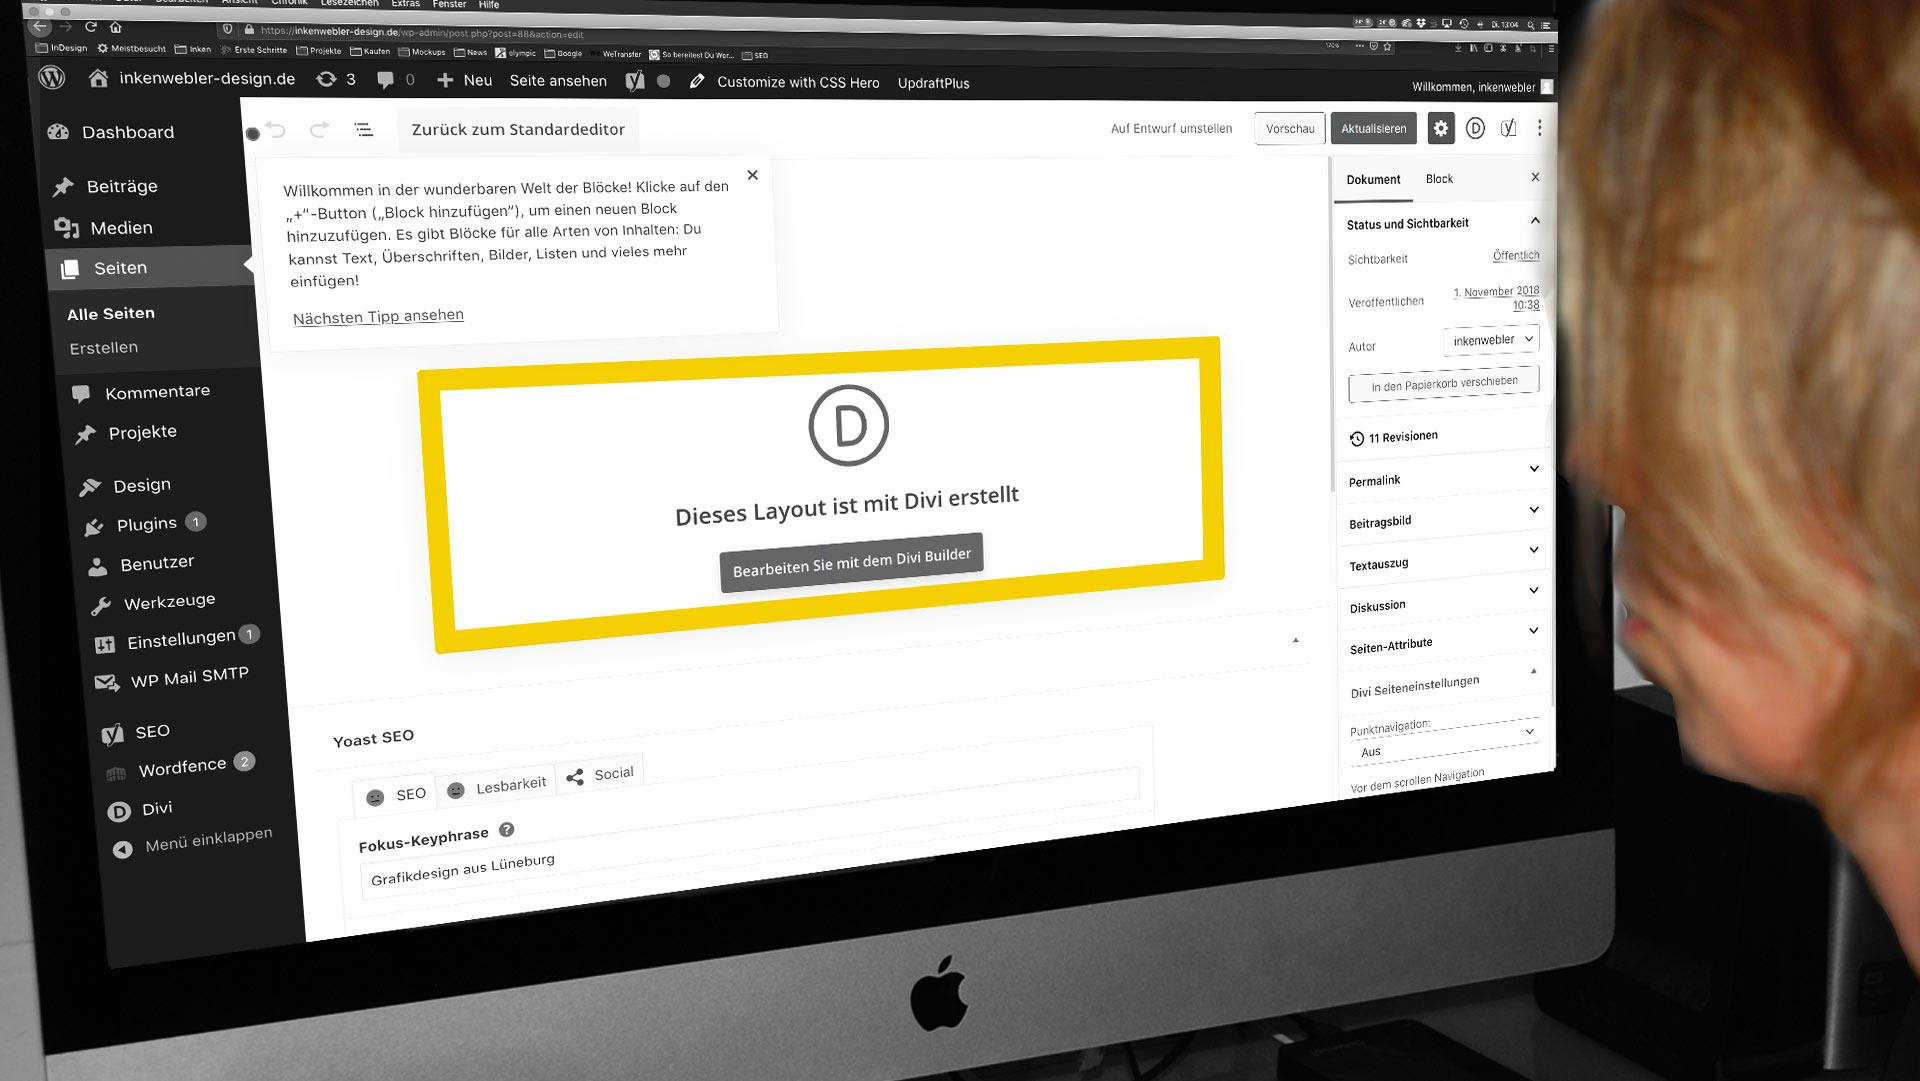 Foto von Inken Webler vor dem Bildschirm, auf dem die Arbeitsfläche zur Erstellung einer Webseite zu erkennen ist